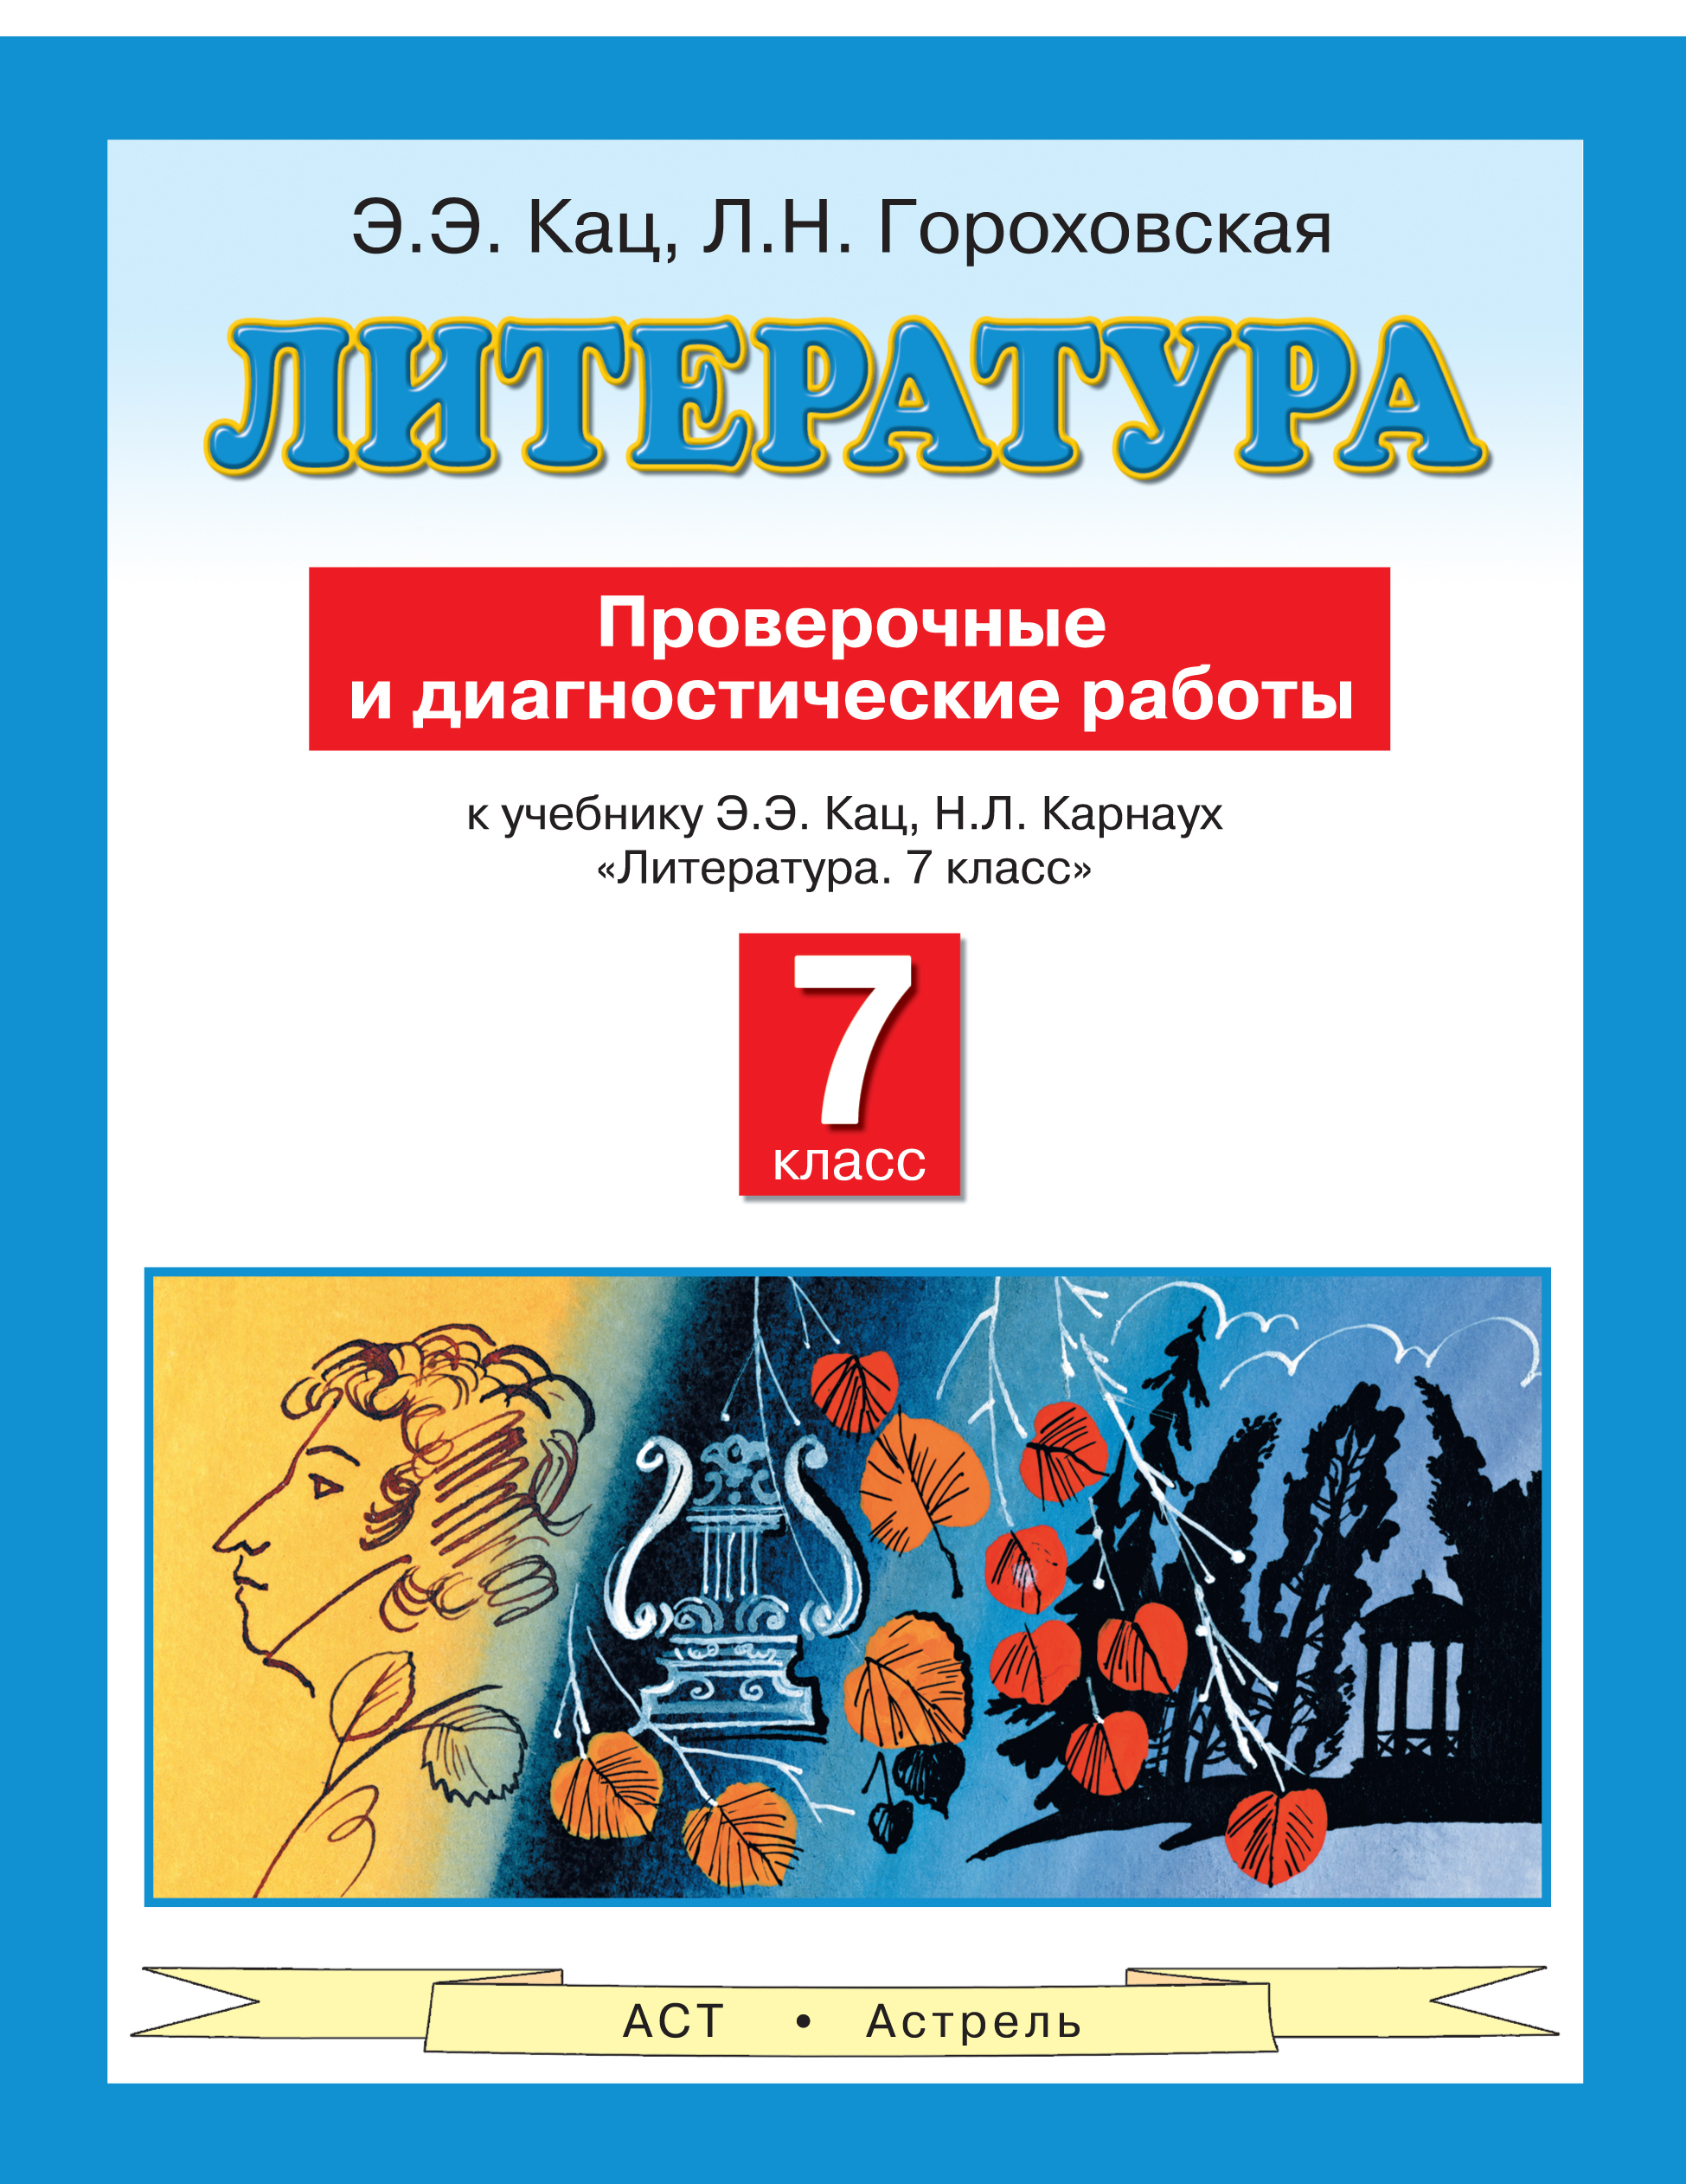 Гороховская Л.Н., Кац Э.Э. Литература. 7 класс. Проверочные и диагностические работы